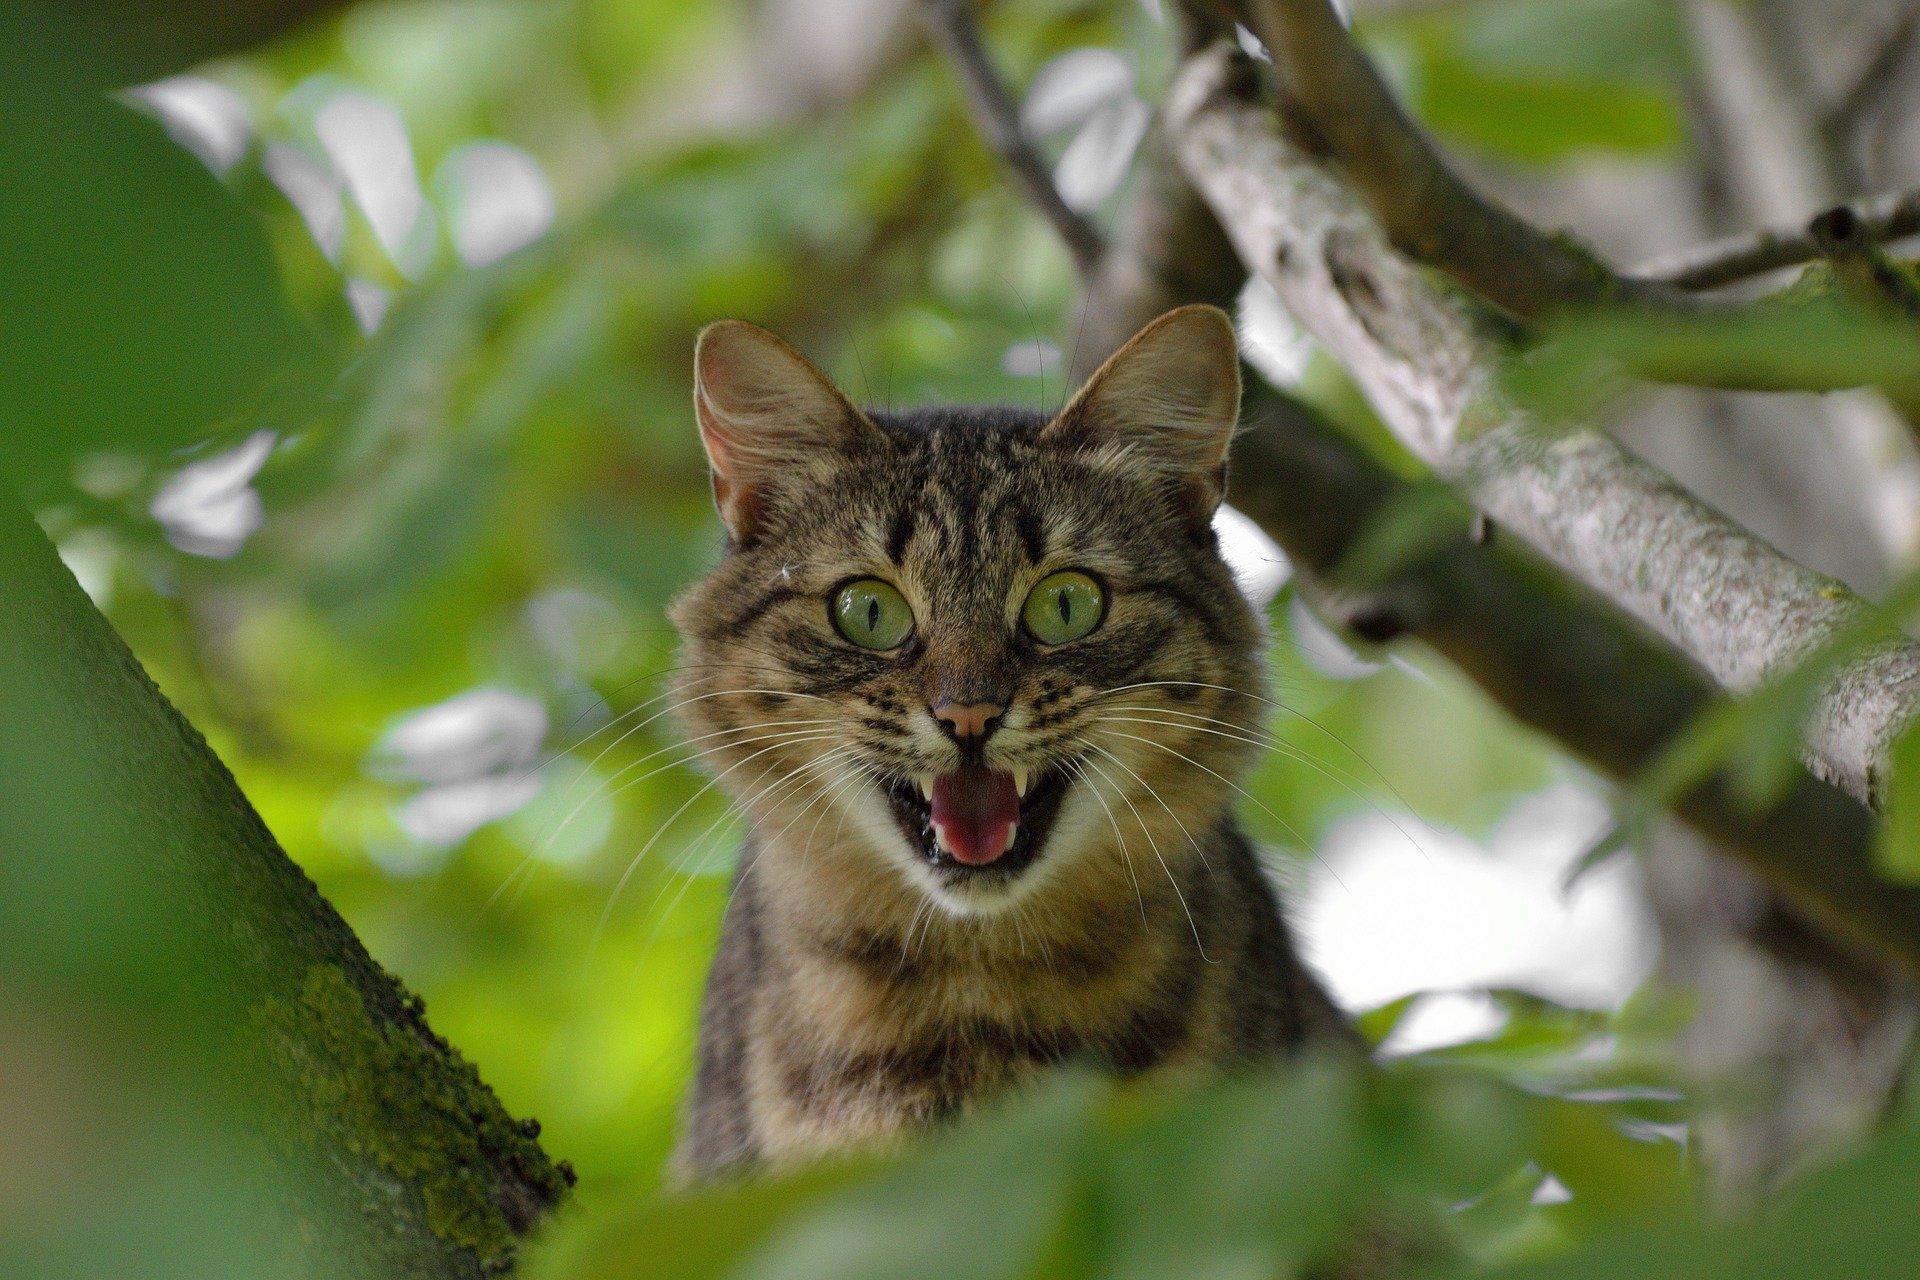 Gatti e cetrioli, perchè i gatti hanno paura dei cetrioli?